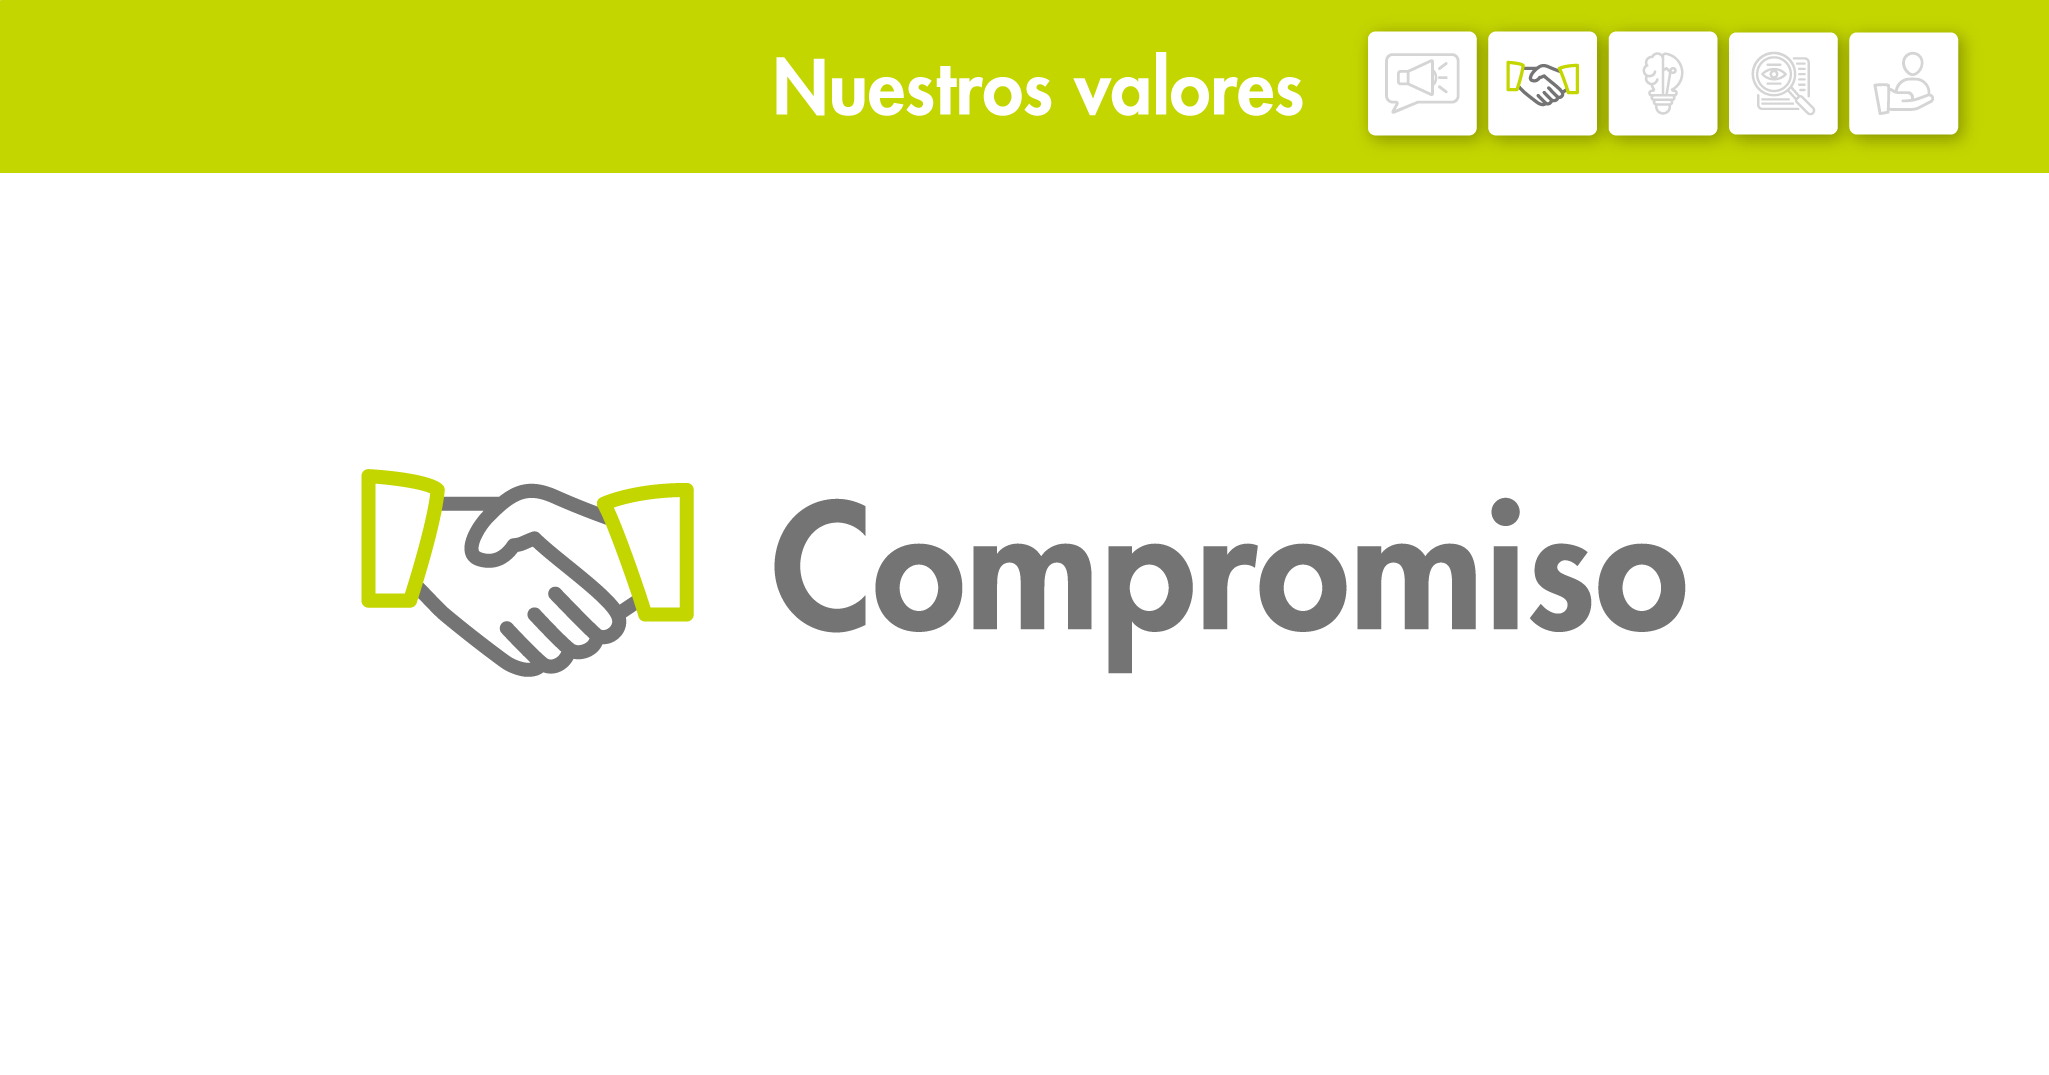 Nuestros valores: Compromiso